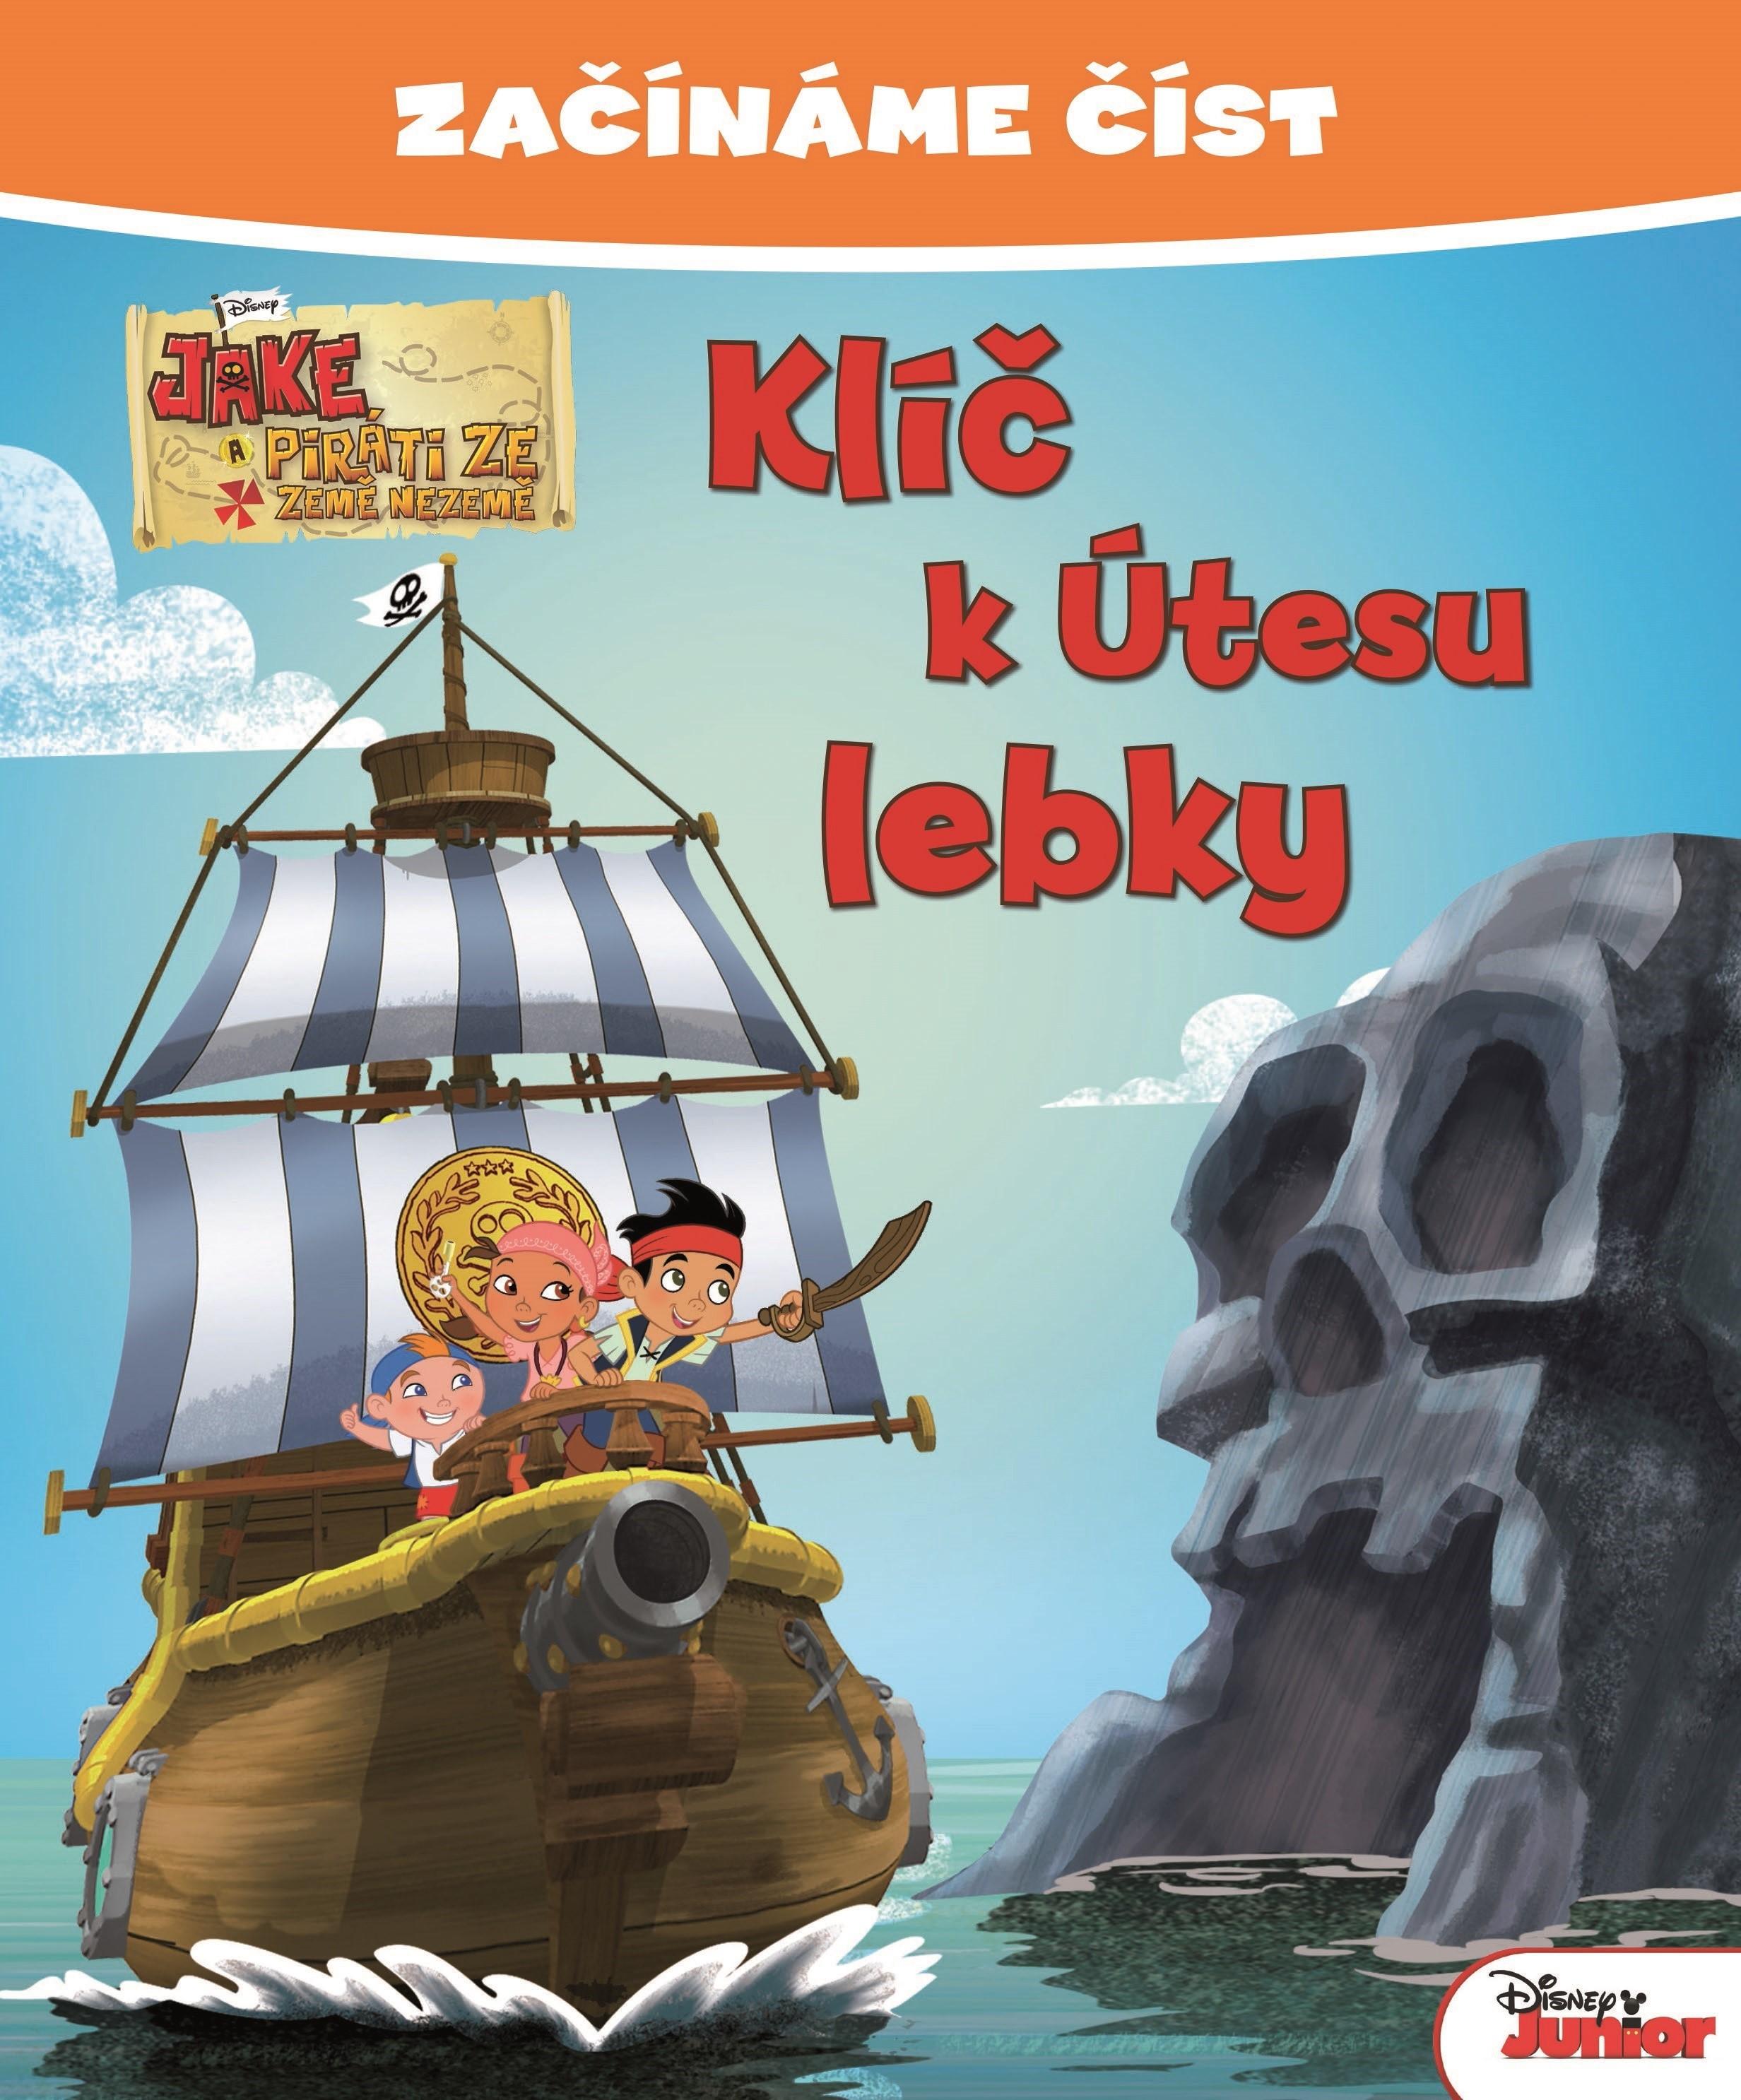 Začínáme číst - Jake a piráti ze Země Nezemě - Klíč k Útesu lebky   Walt Disney, Walt Disney